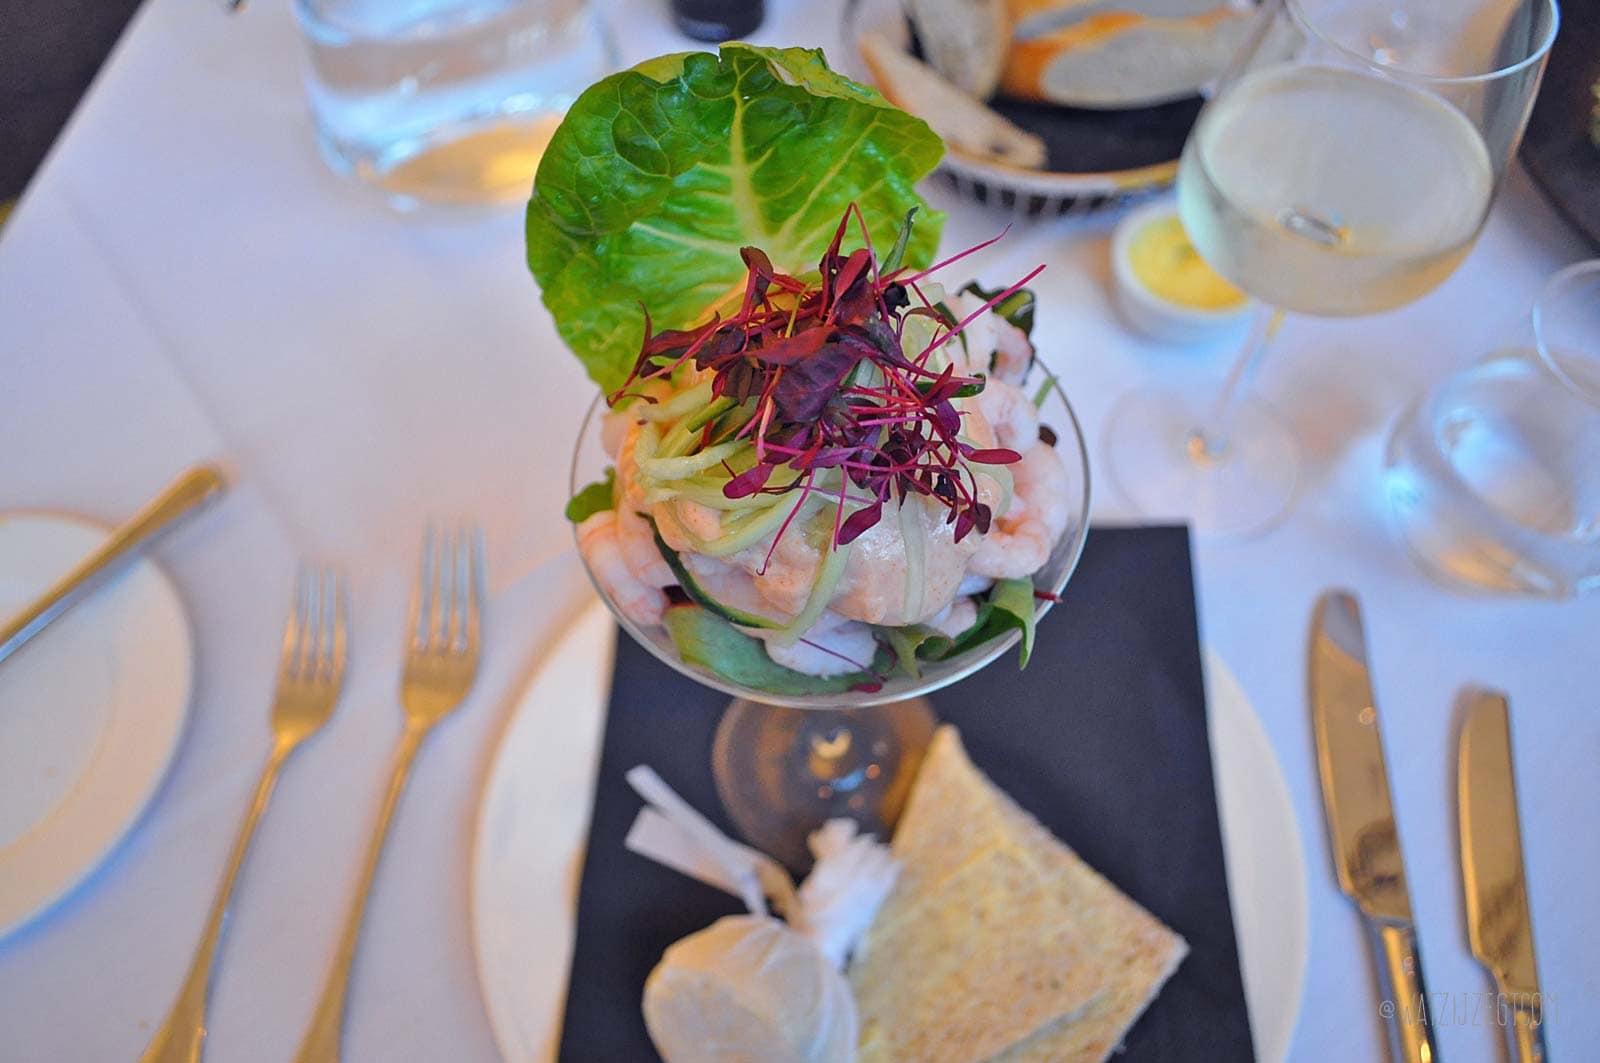 Heerlijk eten bij MPW Steakhouse and Grill in Newcastle